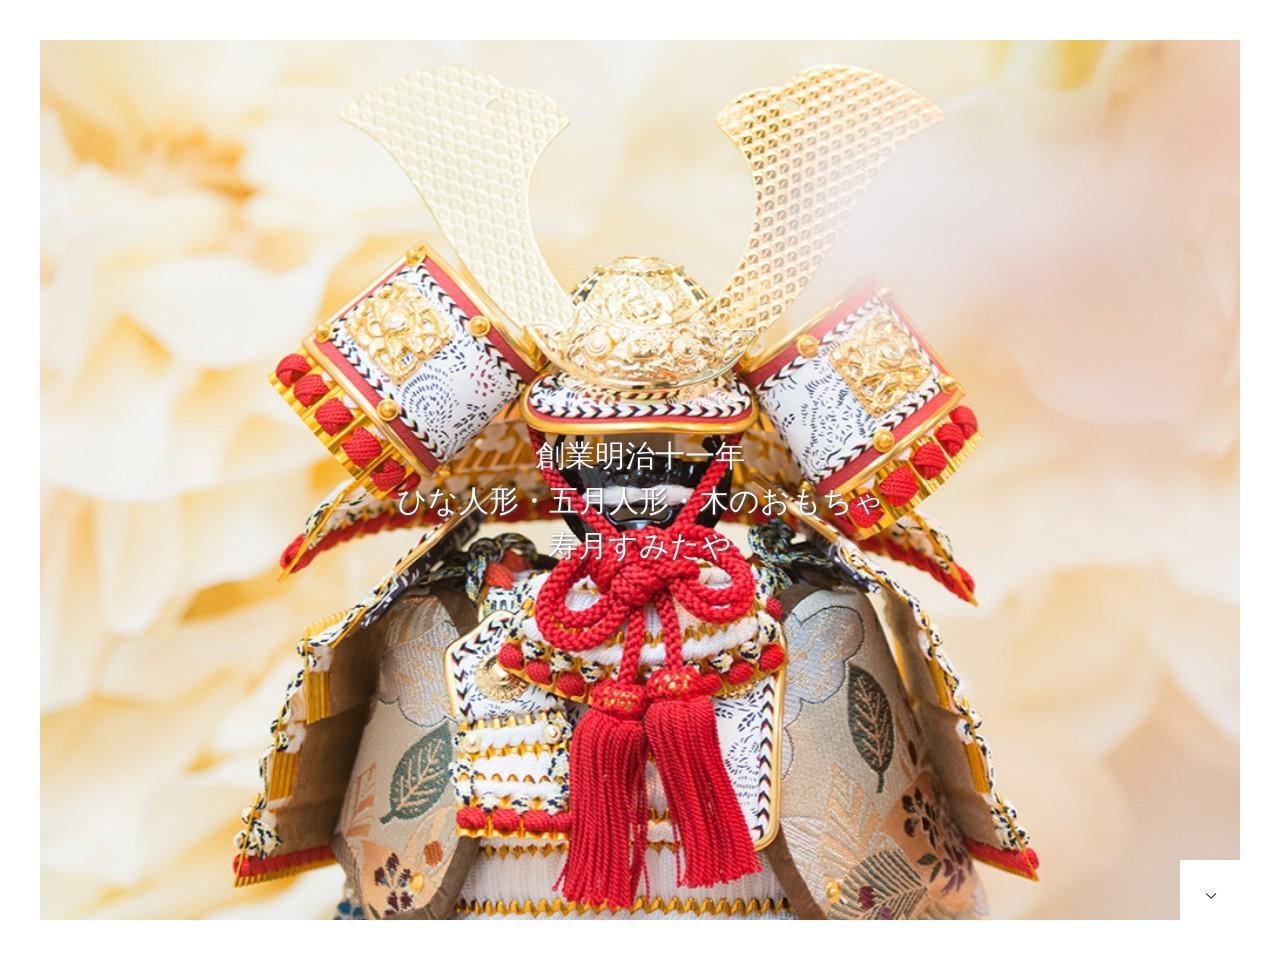 雛人形(ひな人形)、五月人形の静岡県浜松市「寿月すみたや」